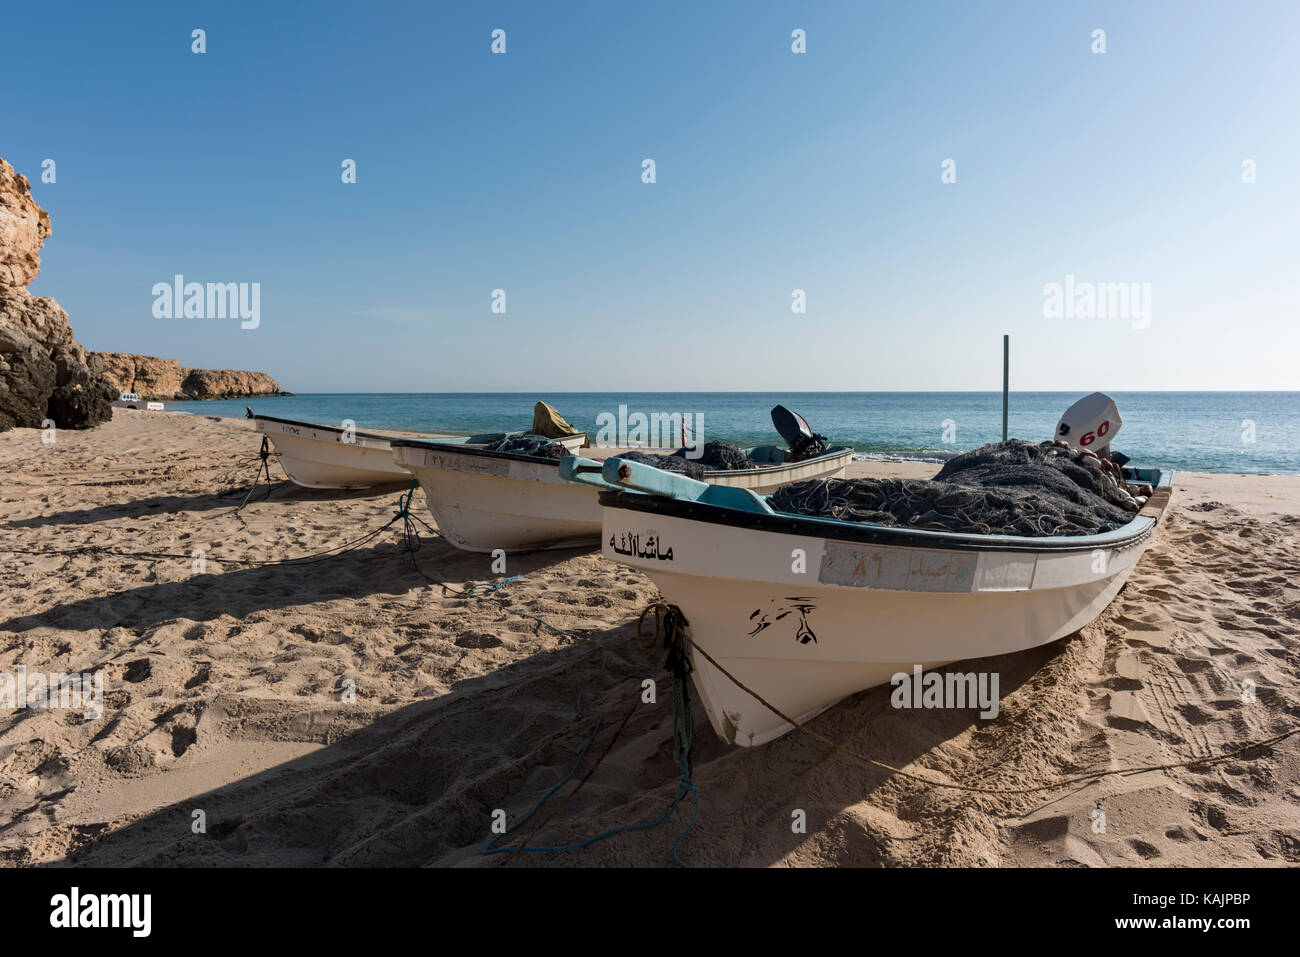 Barche di pescatori sulla spiaggia di Ras Al Jinz, Sultanato di Oman Immagini Stock